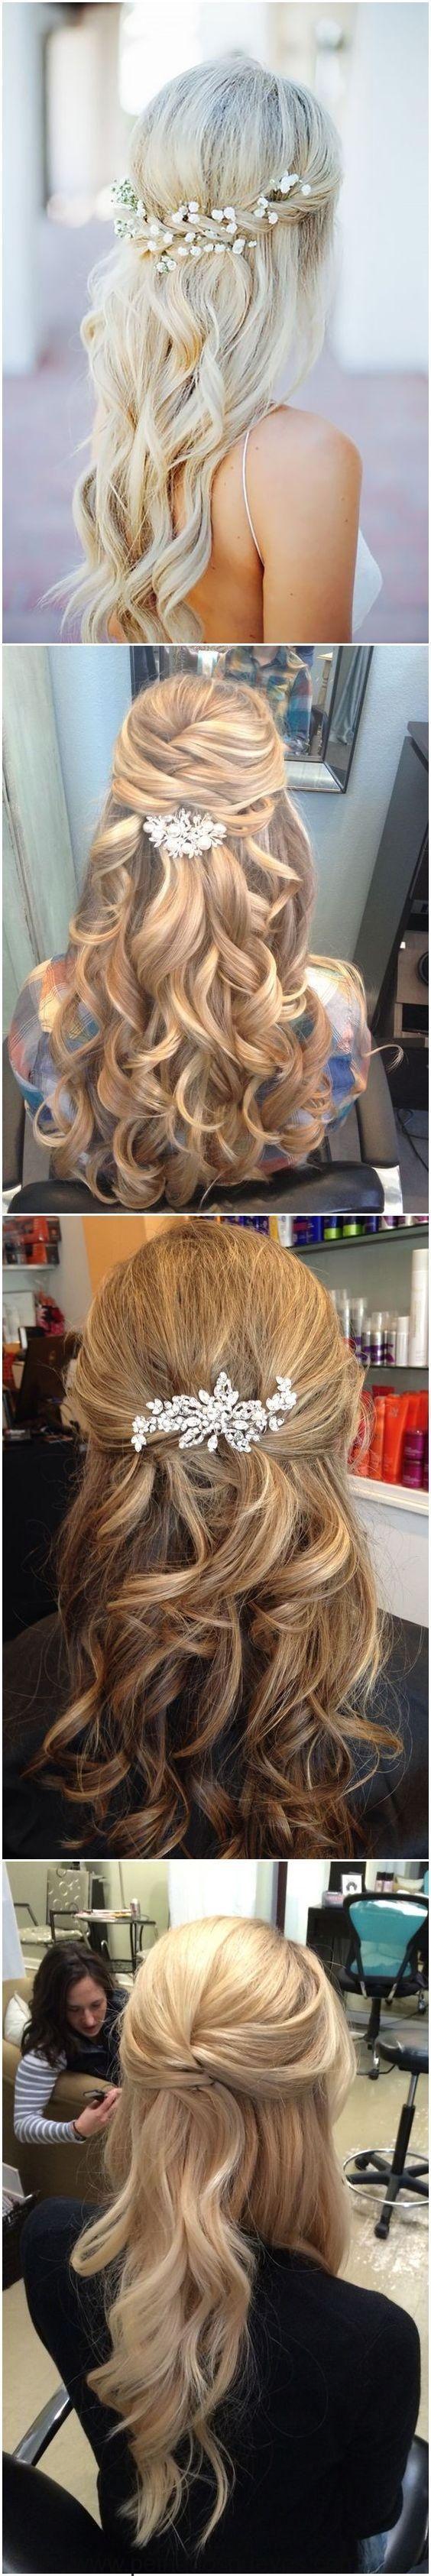 Peinados 30 Impresionante Peinado Ideas Para Hacer Lucir Glamorosa En Cualquier Ocasión - Peinados